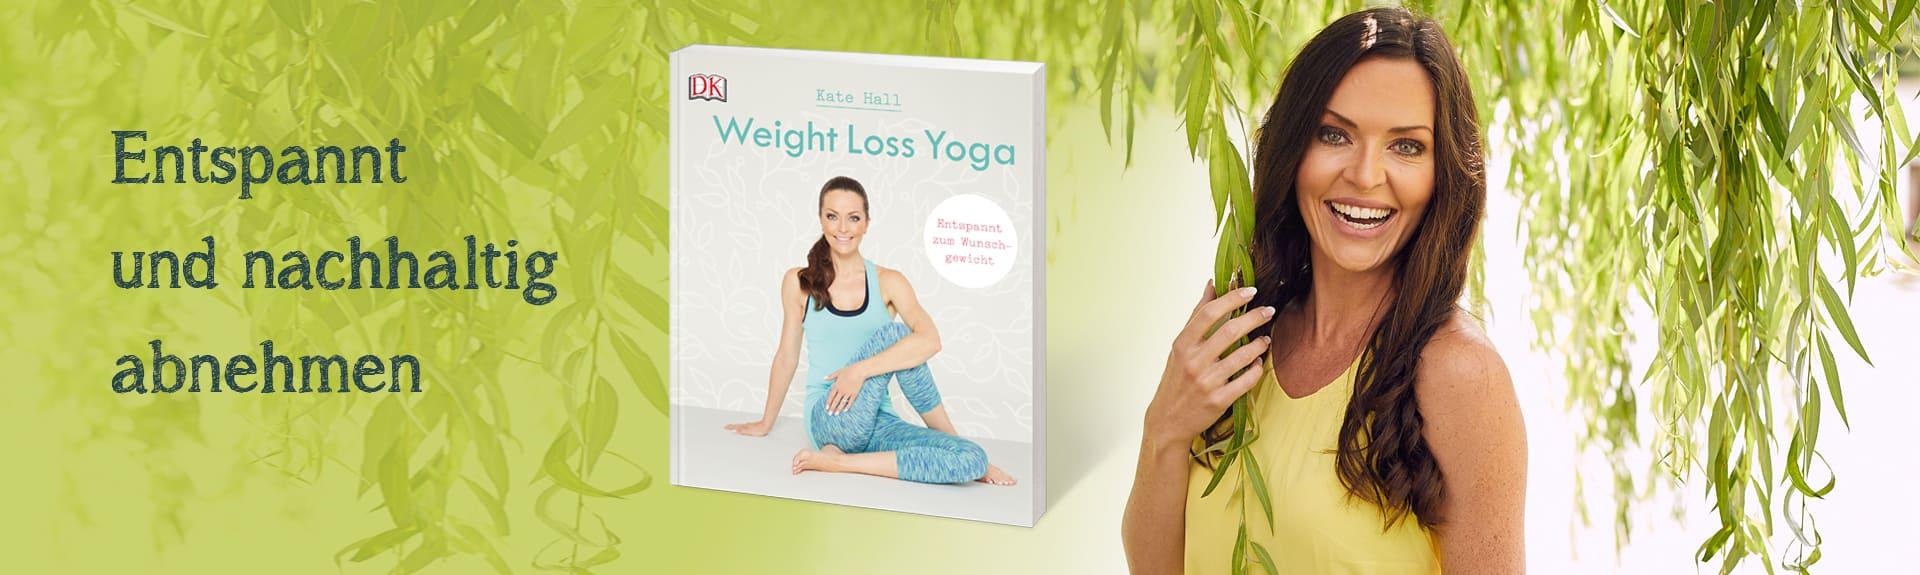 Kate Hall - Weight Loss Yoga